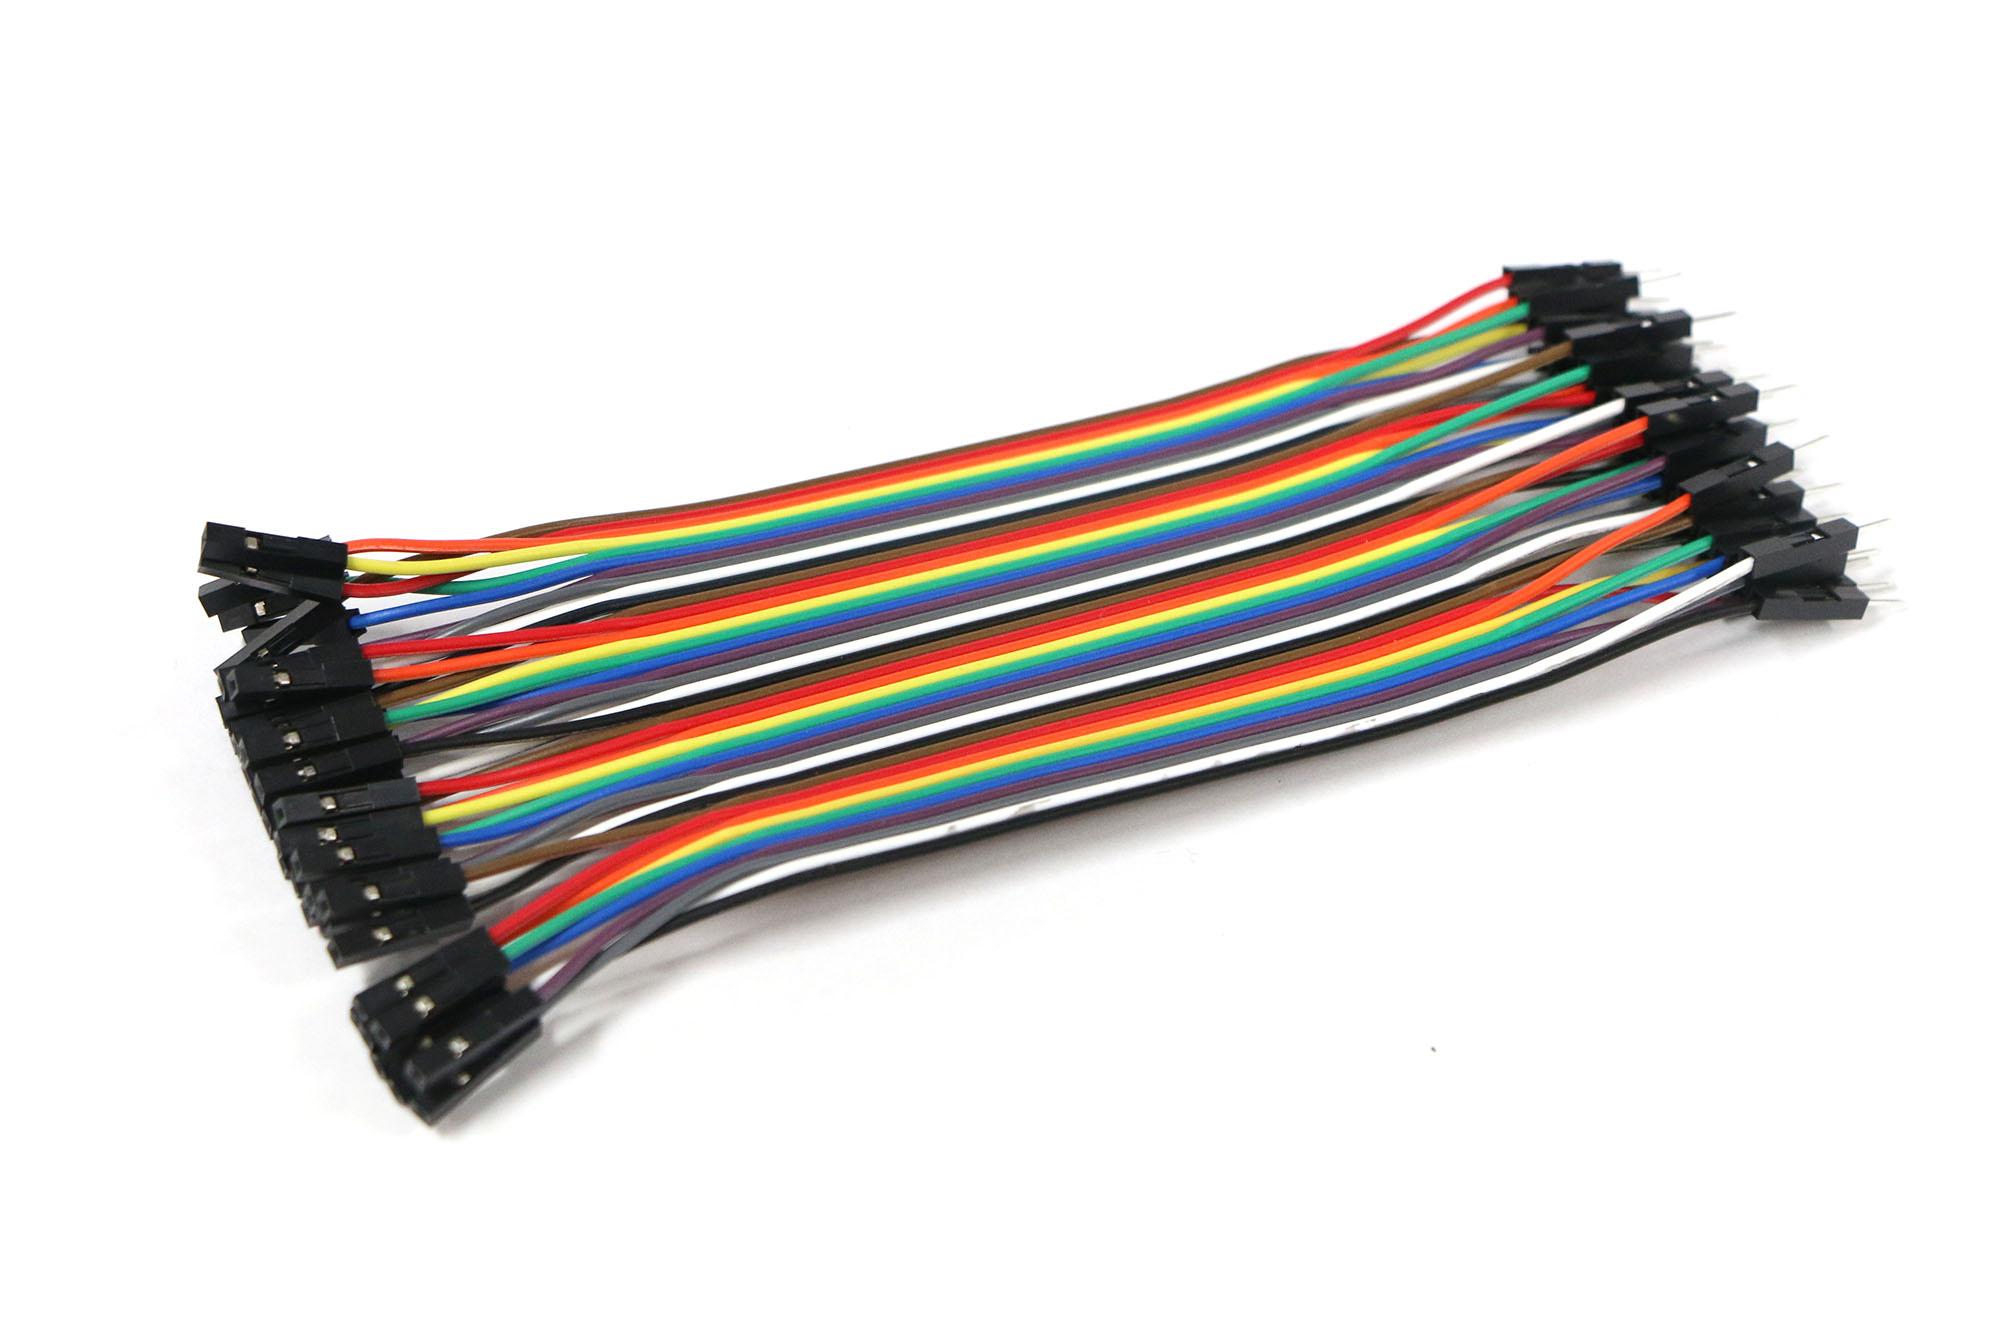 สายไฟ จัมเปอร์ Jump Wire (Male to Female) ยาว 20 cm จำนวน 40 เส้น